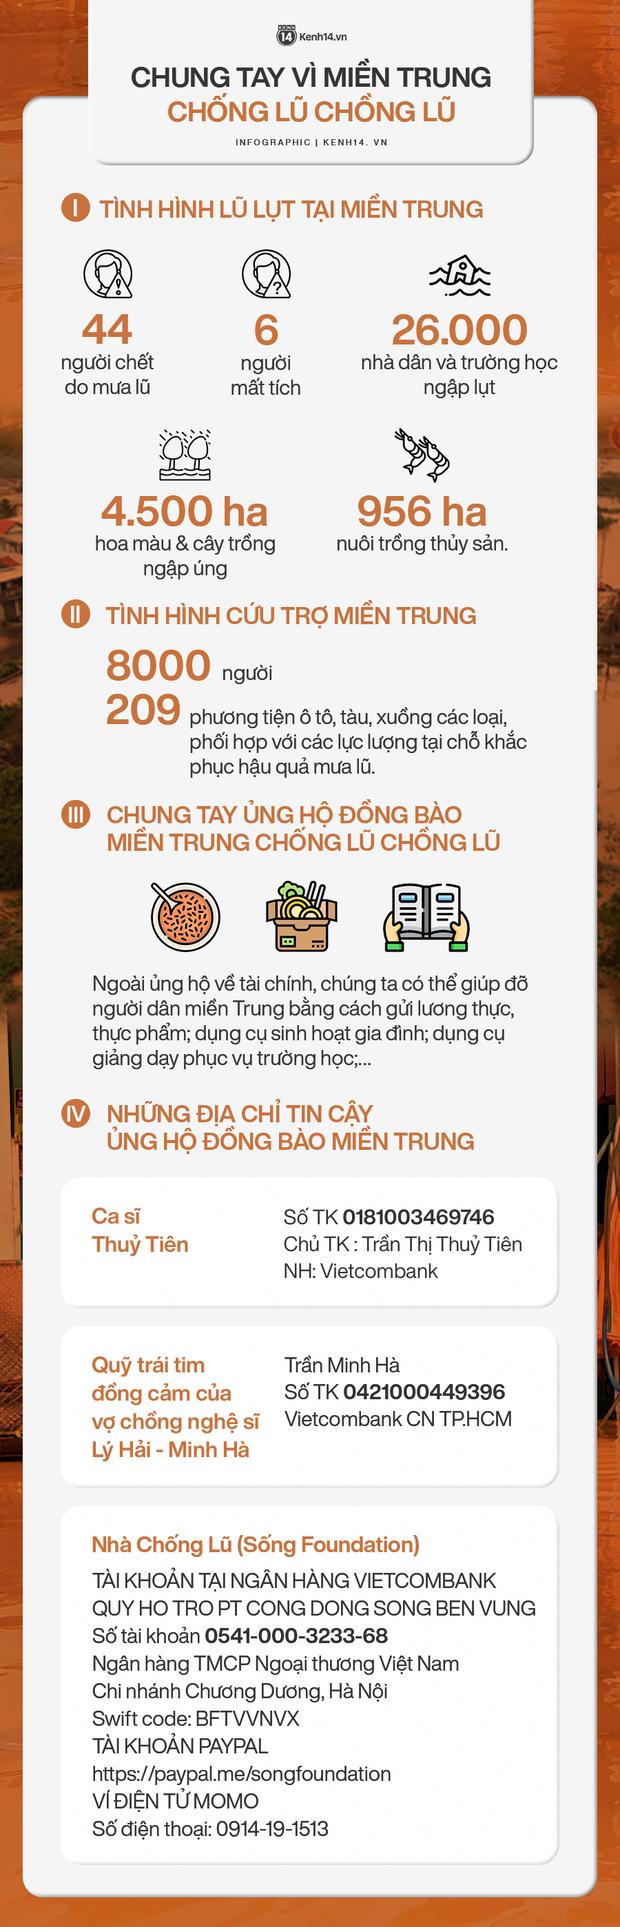 Infographic: Thống kê thiệt hại tại miền Trung và những cách để chung tay cứu trợ đồng bào vùng lũ - Ảnh 2.